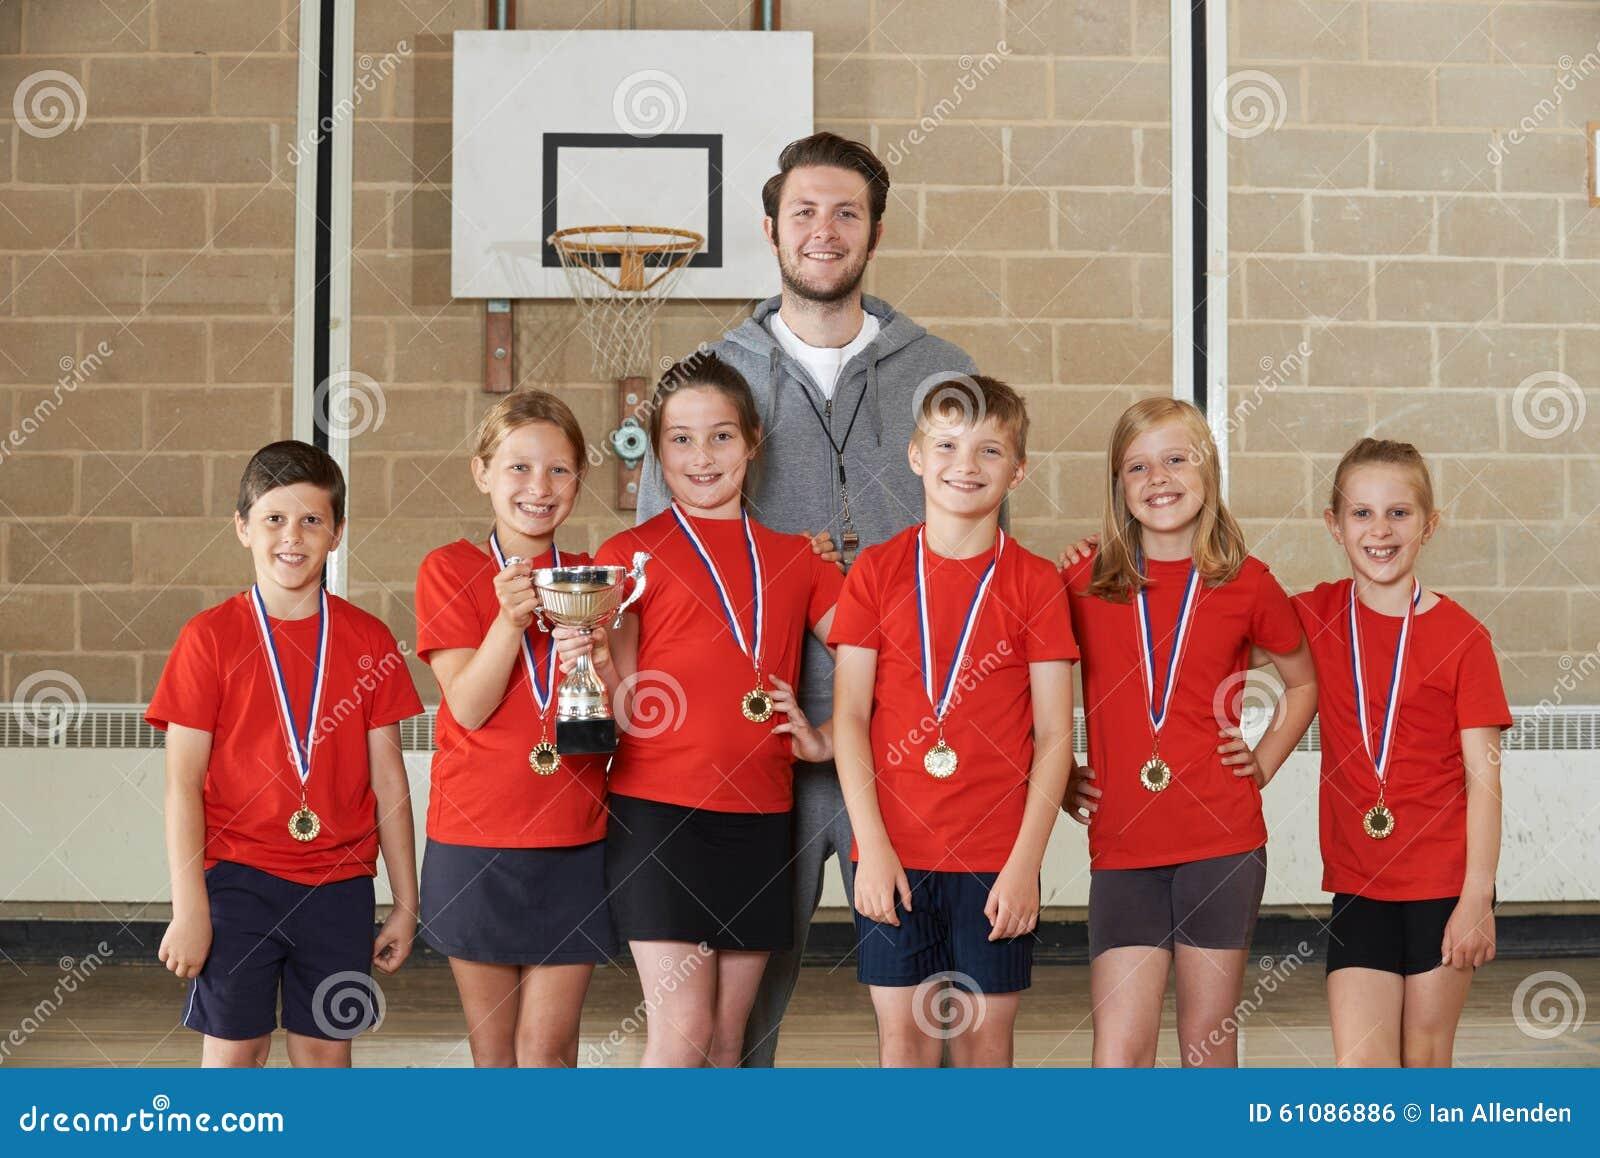 Esportes vitoriosos Team With Medals And Trophy da escola no Gym